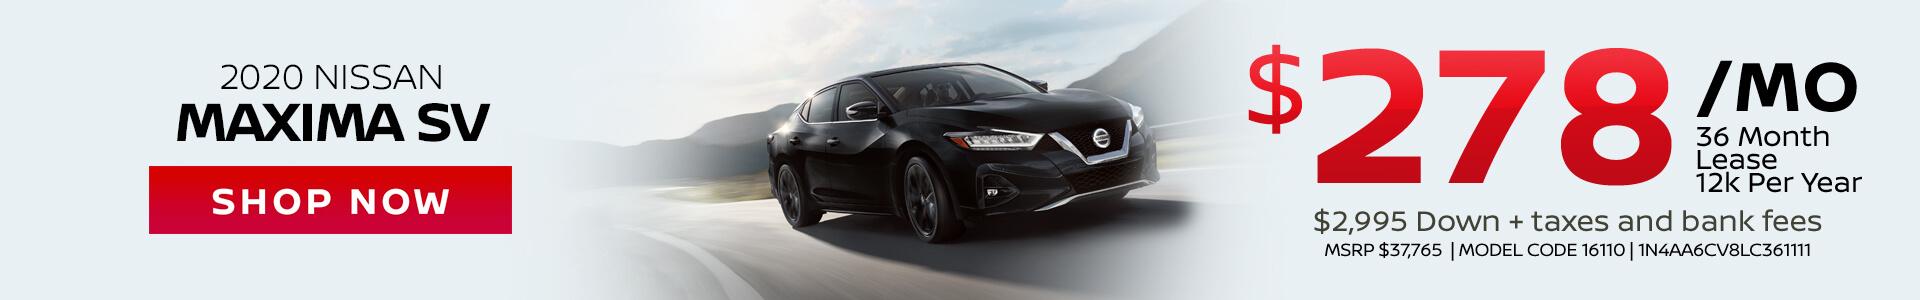 Nissan Maxima $278 Lease